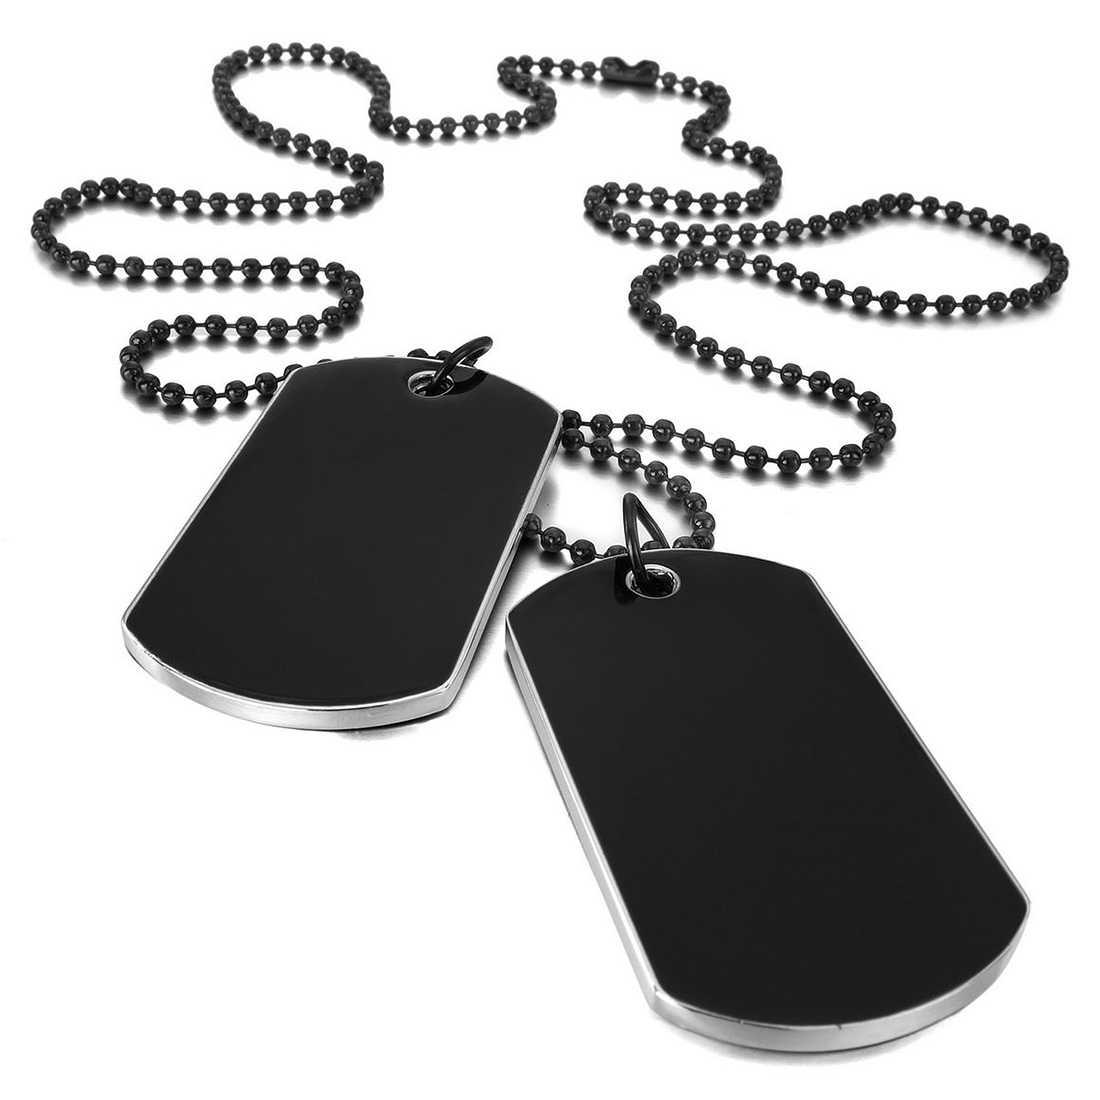 سبيكة قلادة قلادة بيان الفضة الجانب الأسود الجيش السائق نمط الكلب علامة لوحة سلسلة قلادة للنساء الرجال المجوهرات